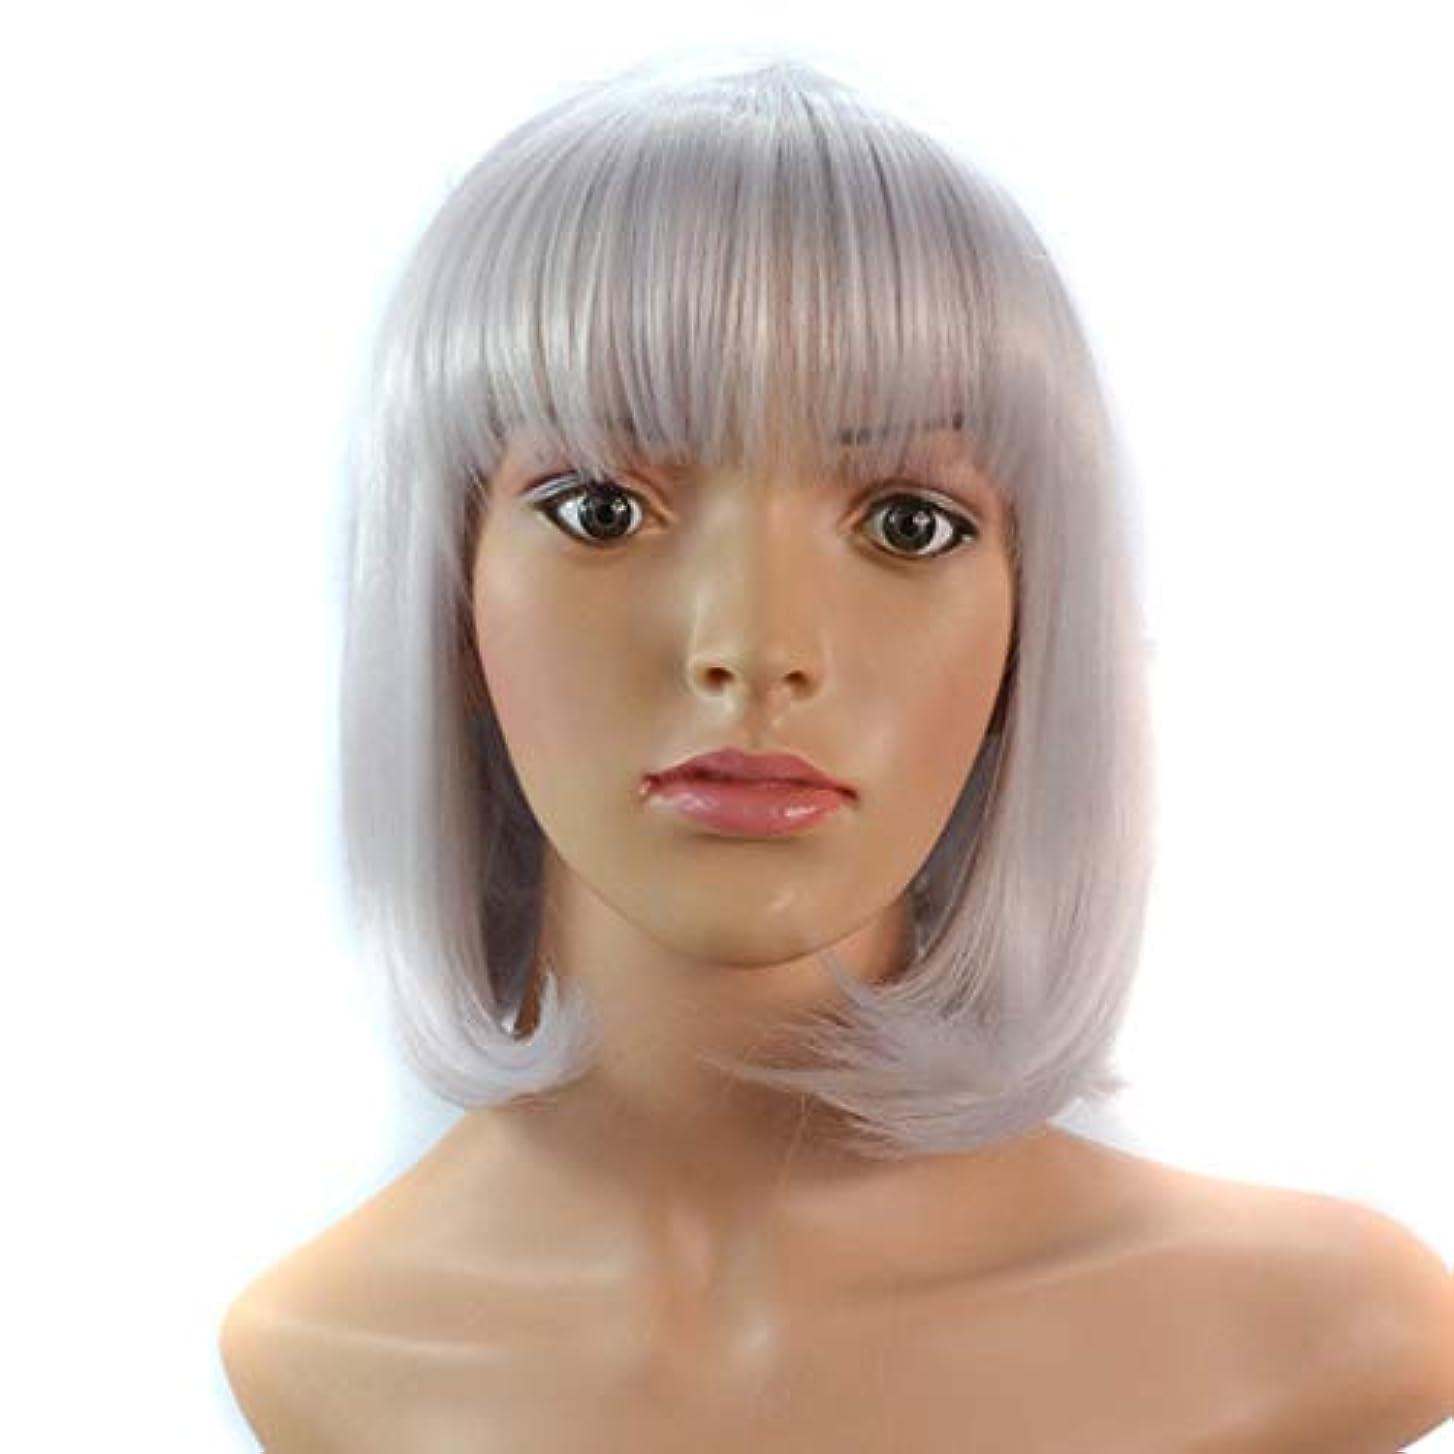 カトリック教徒早いパイYOUQIU 髪の前髪ウィッグを持つ女性のストレートショートボブスタイリッシュな耐熱合成シルバーホワイト色のフルヘアウィッグ (色 : Silver white, サイズ : 40cm)